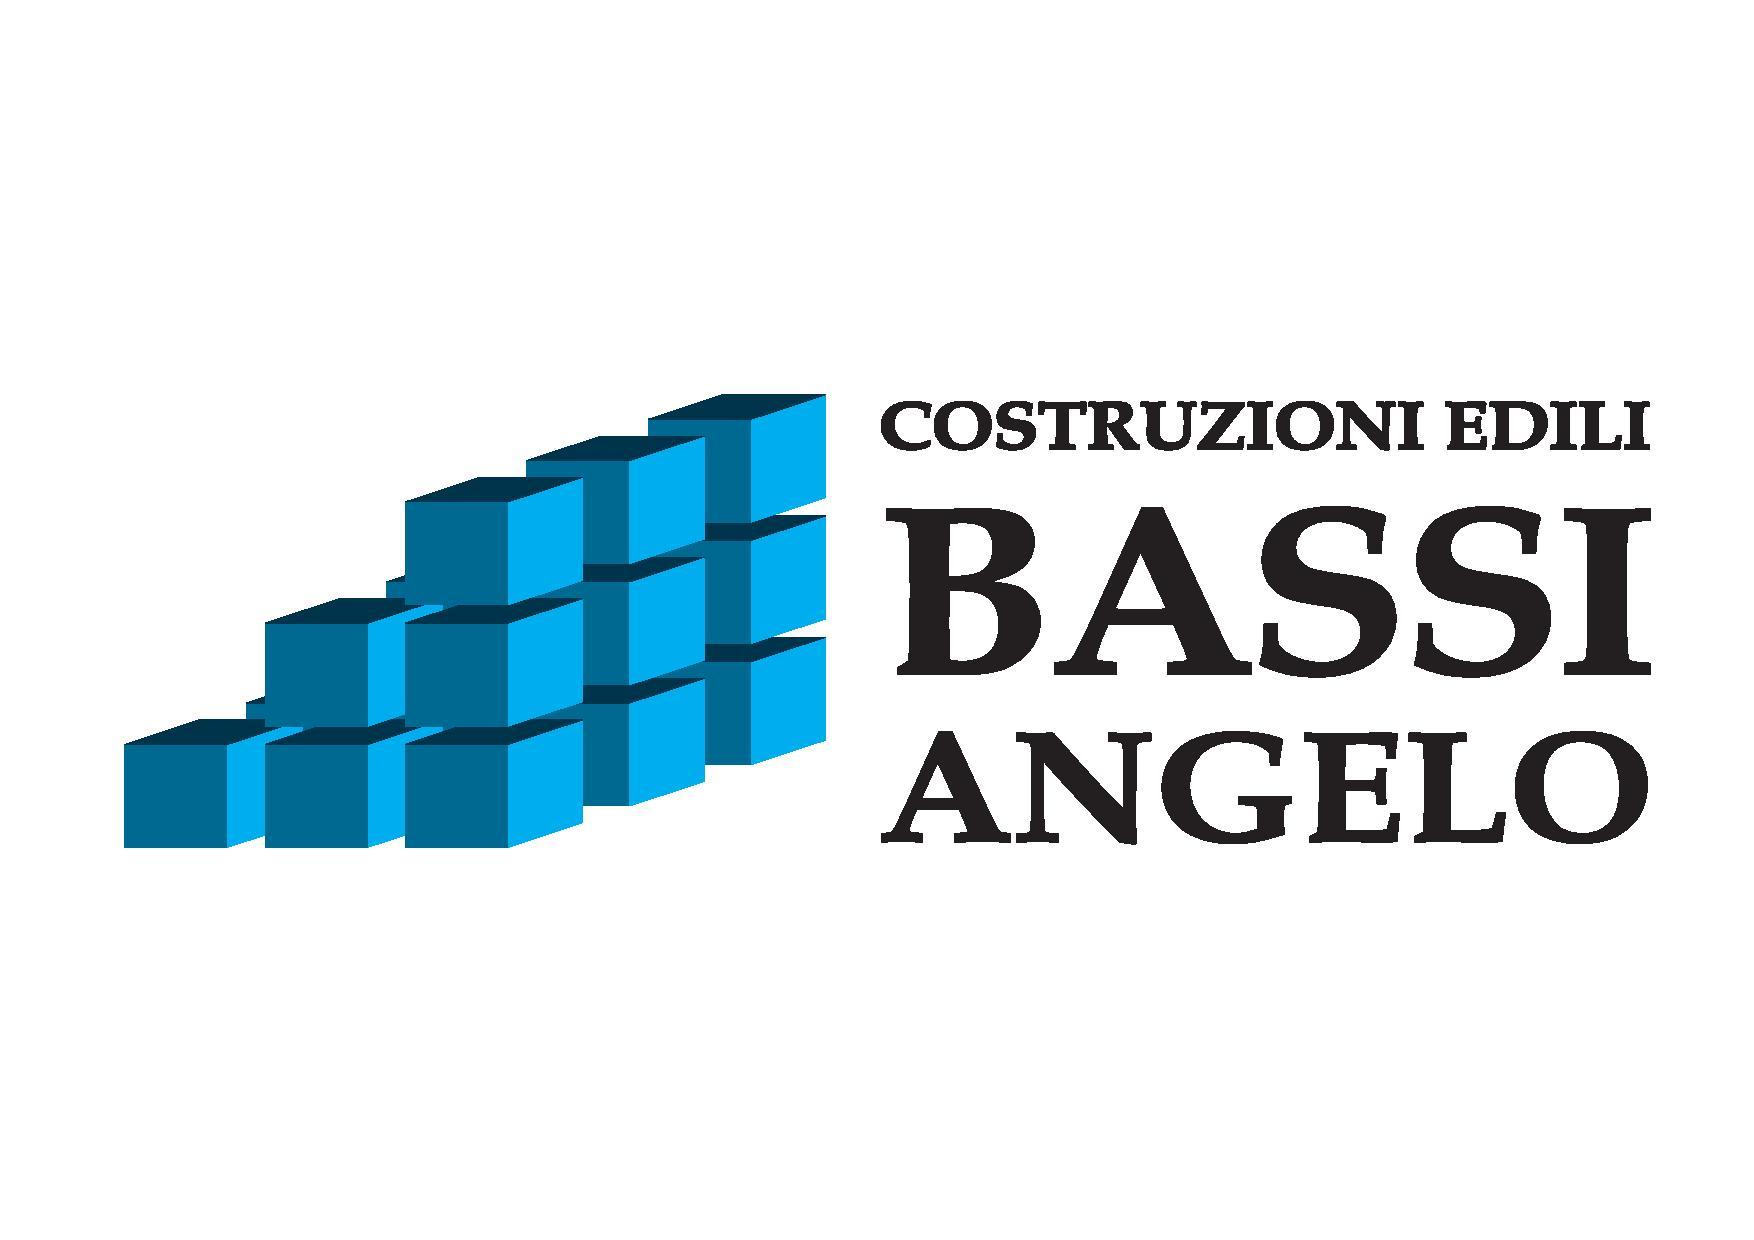 Angelo Bassi Costruzioni